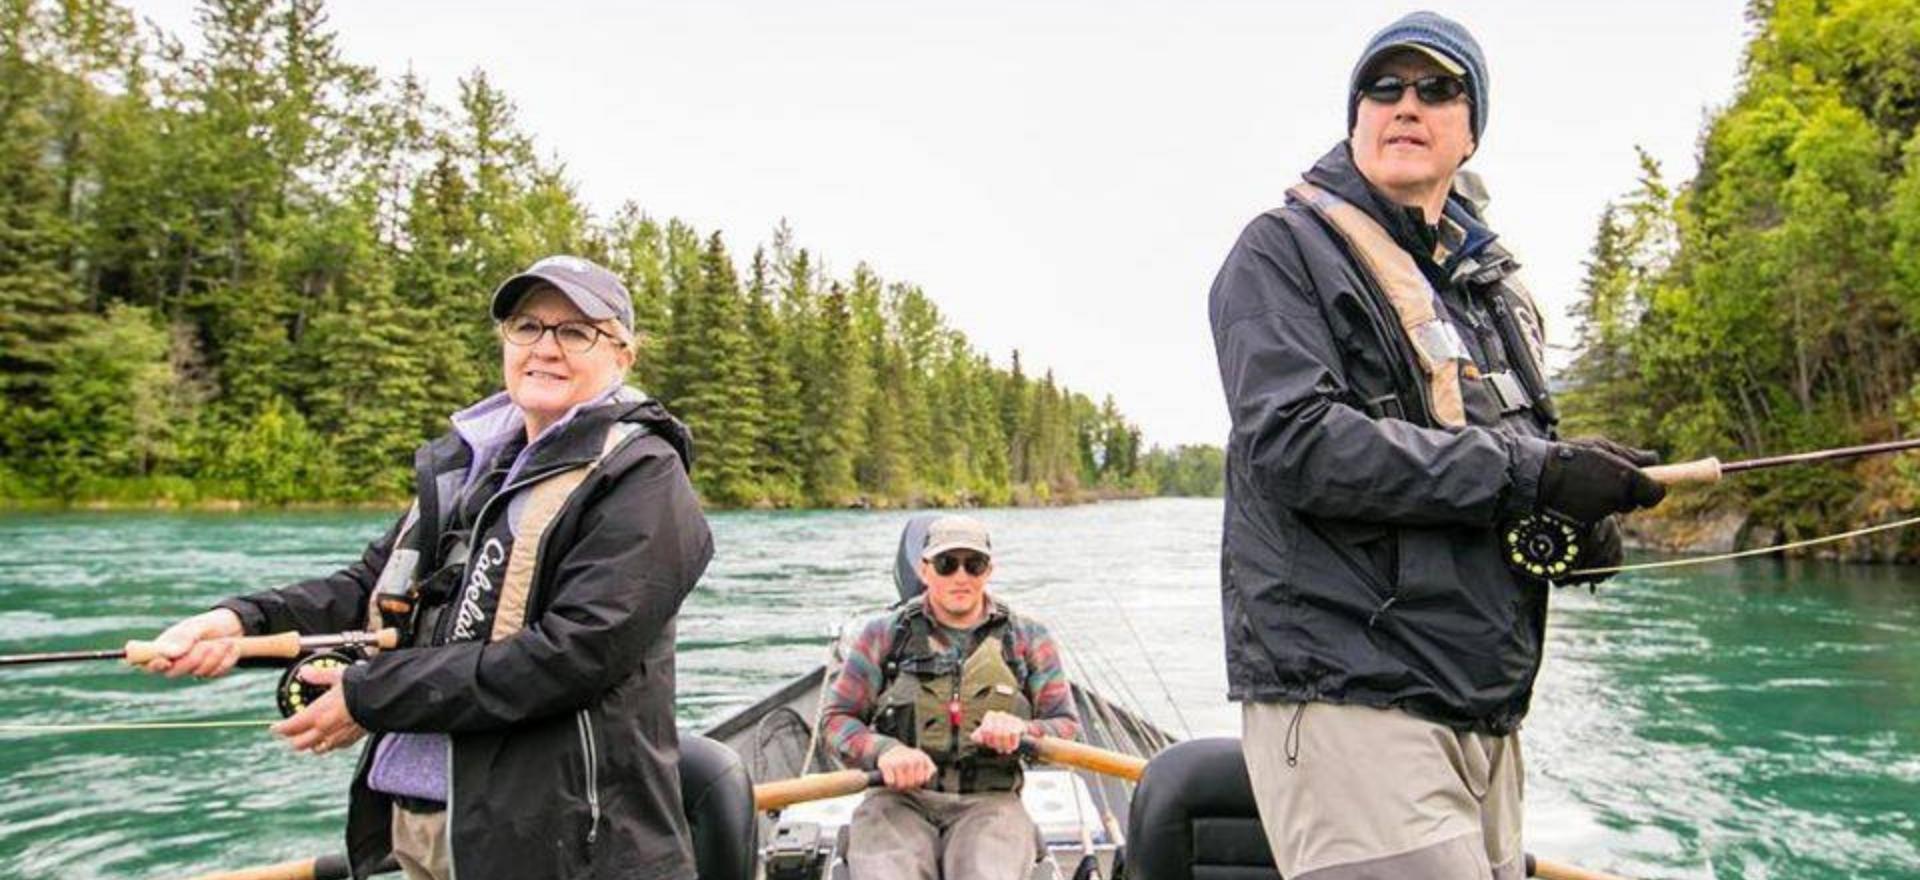 Kenai Riverside Fishing